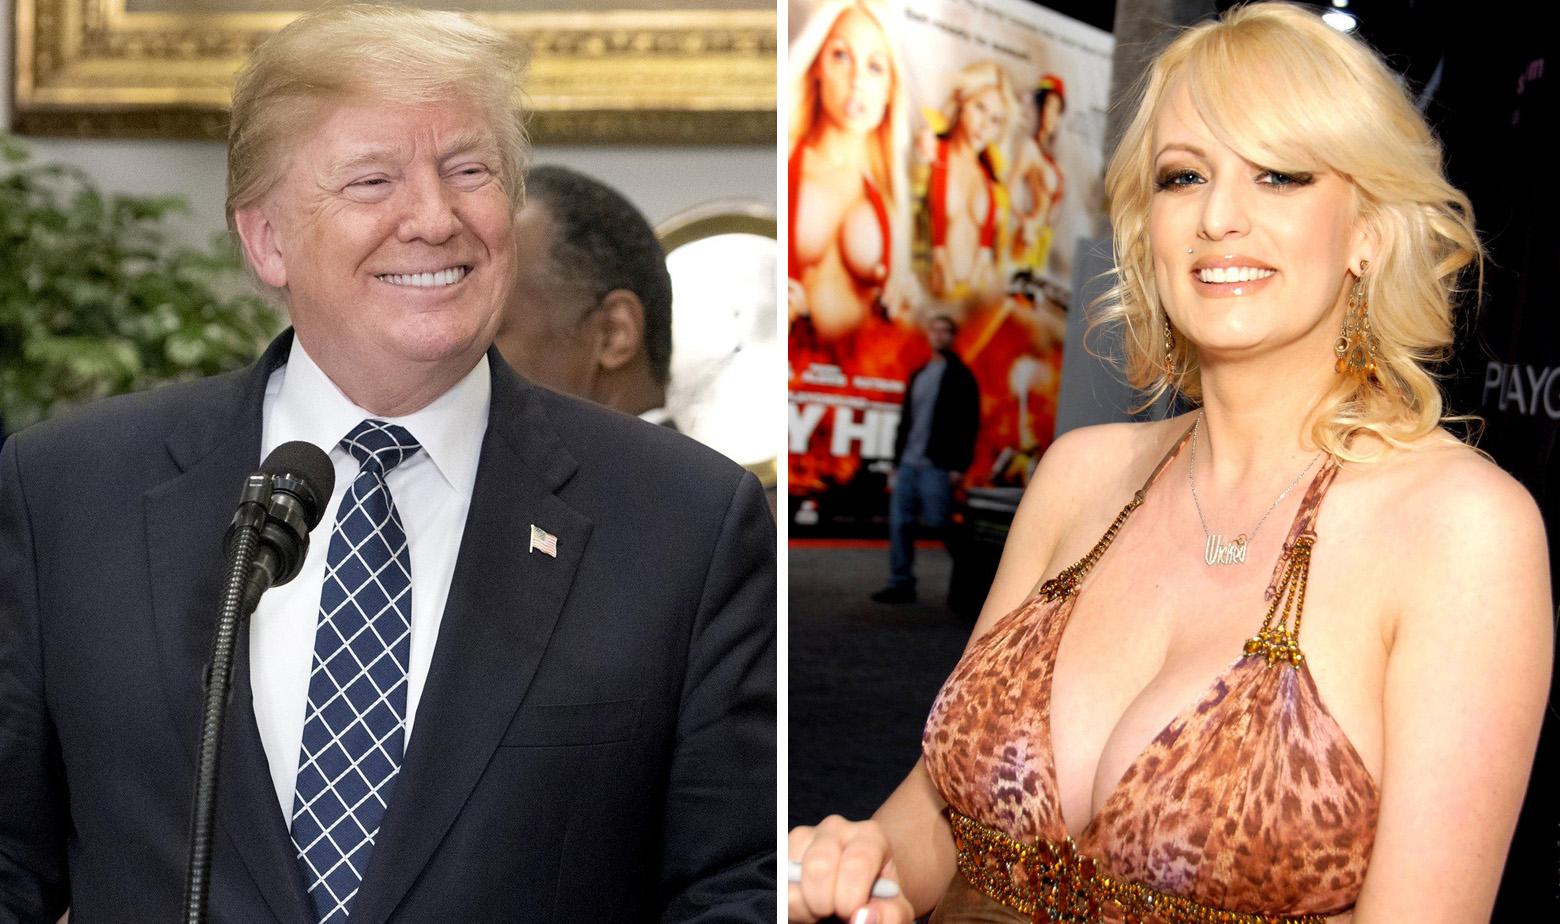 Donald Trump i Stormy Daniels